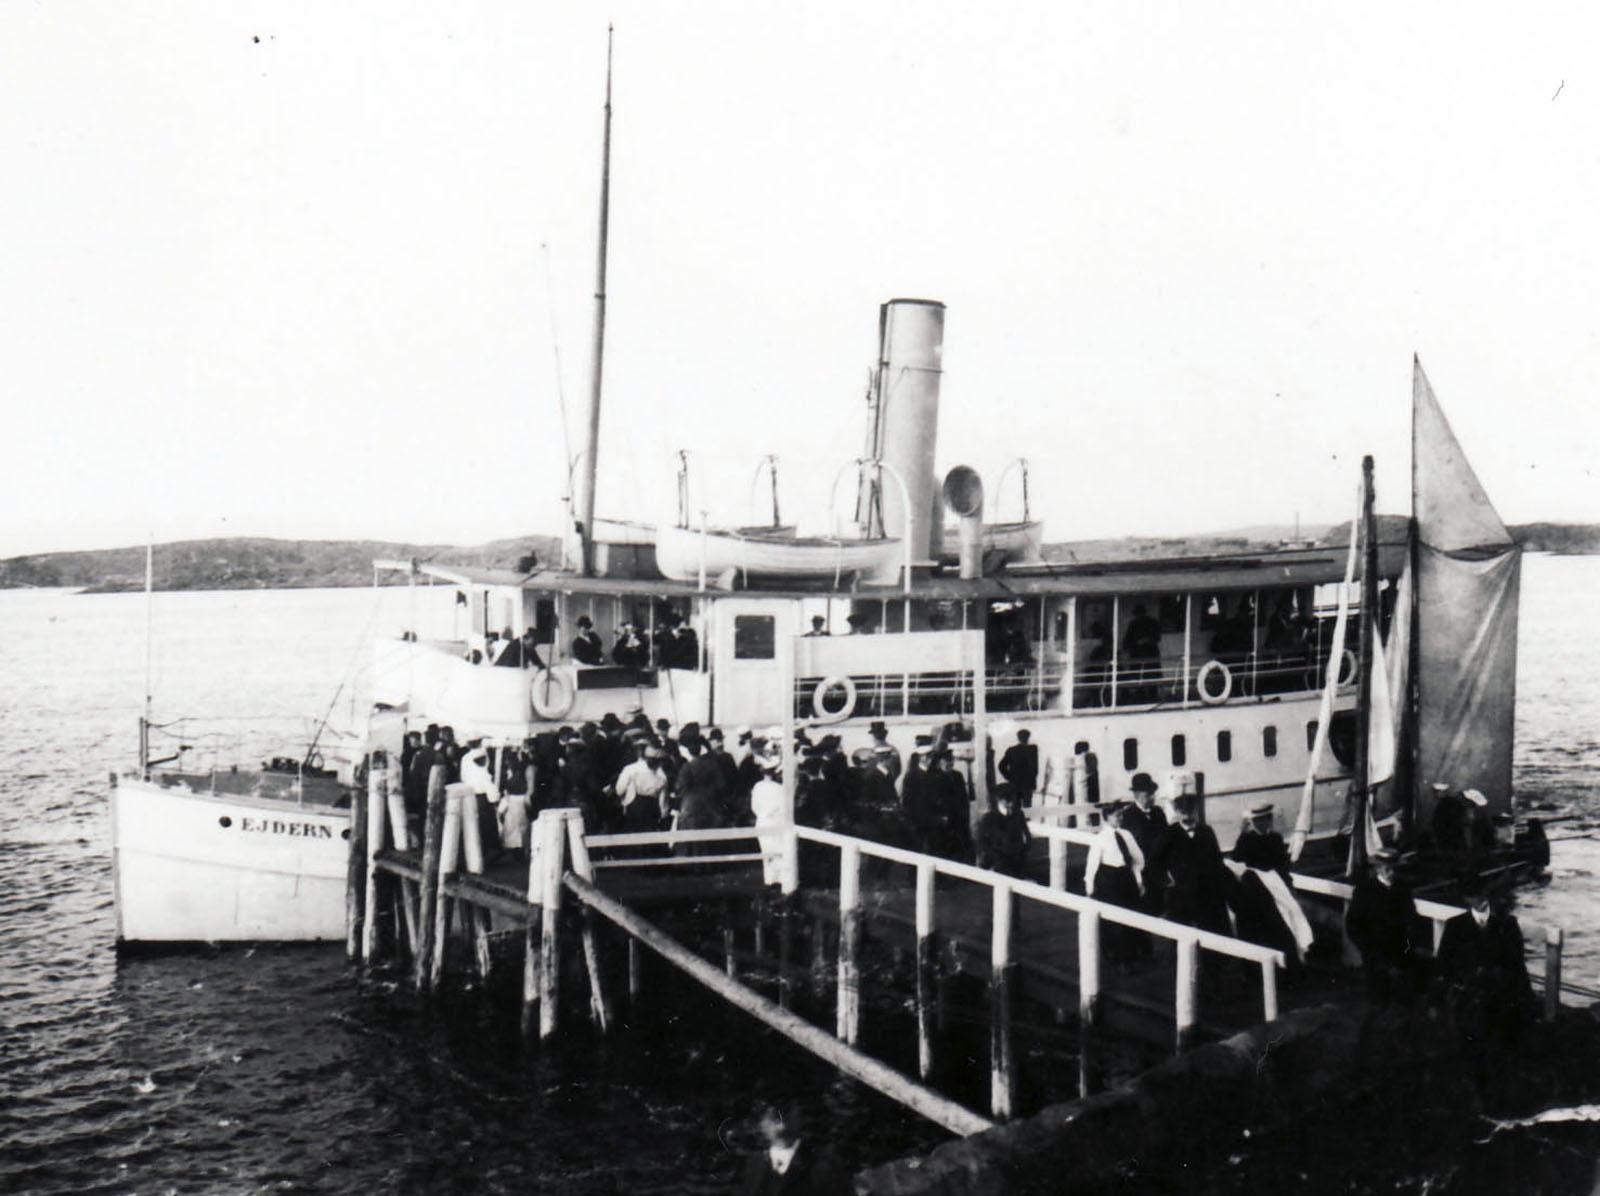 Ångbåt Särö. Bild 10106.